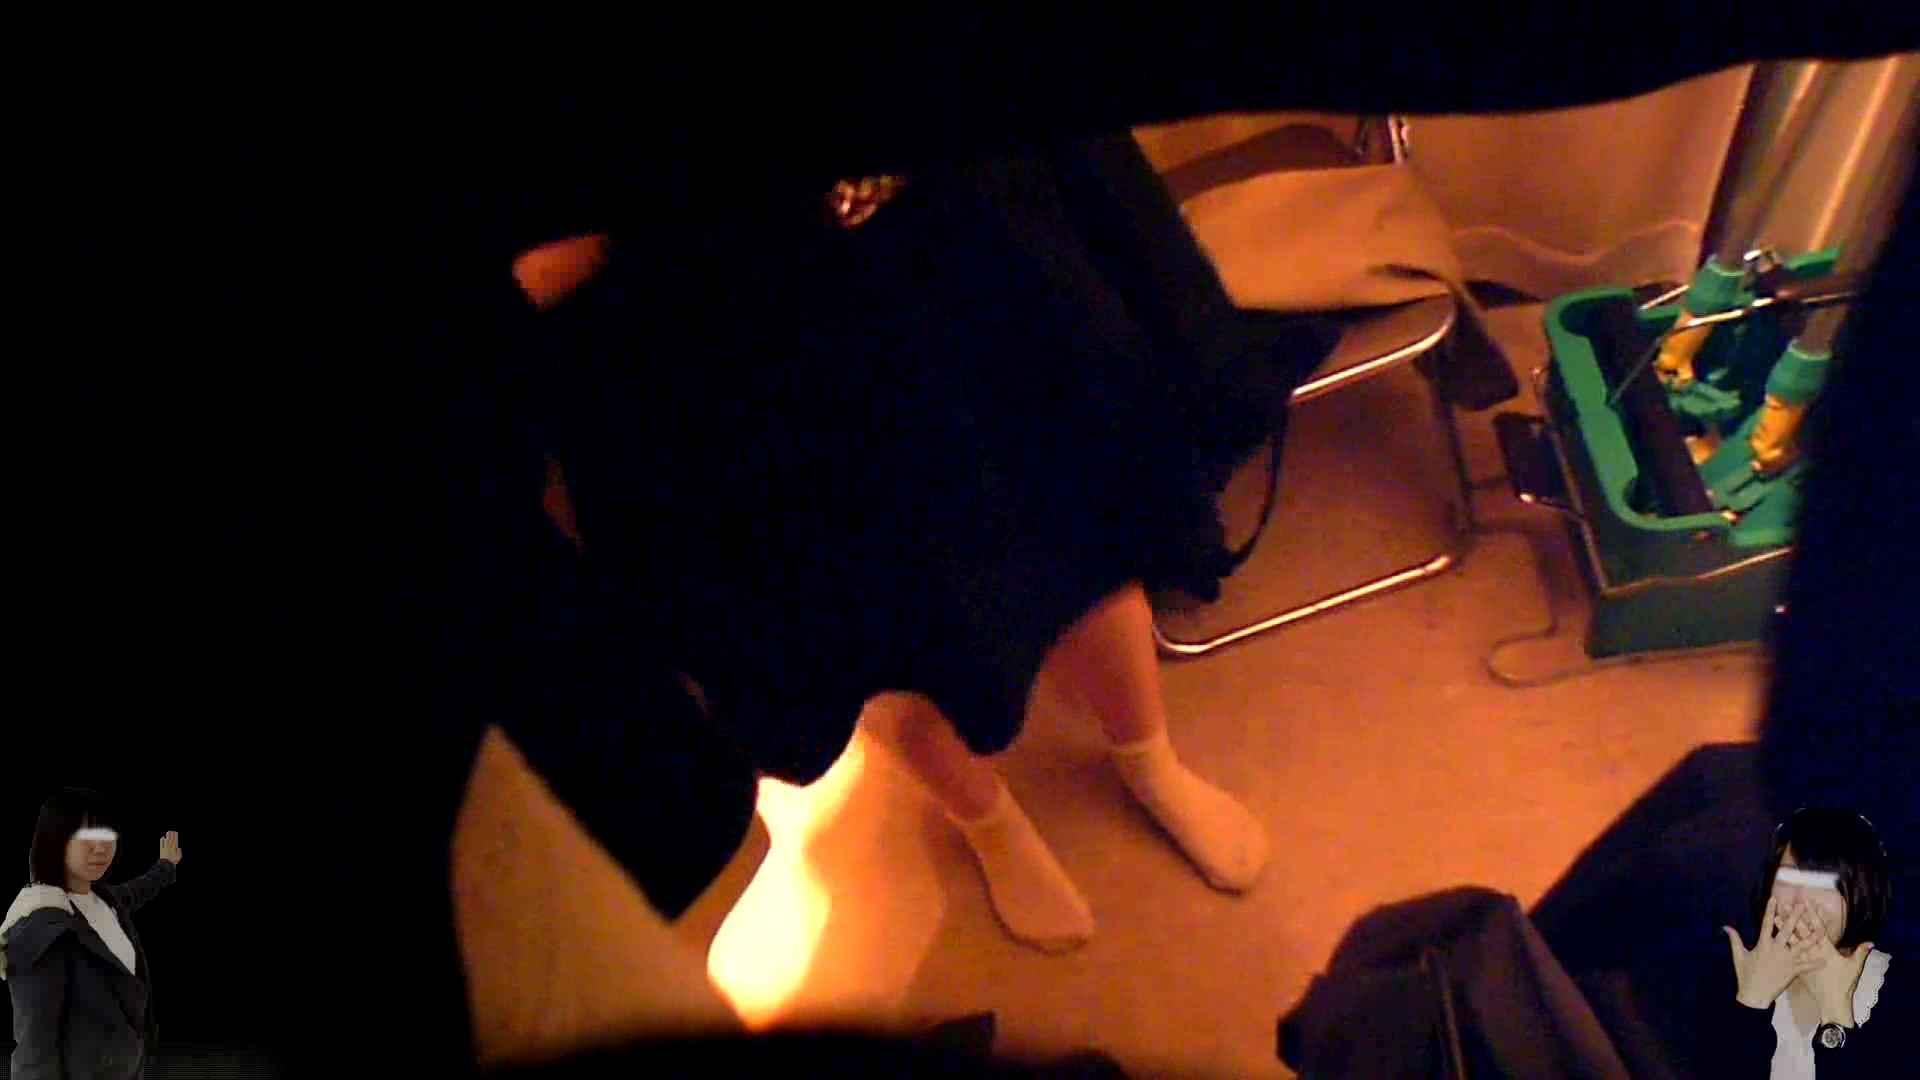 素人投稿 現役「JD」Eちゃんの着替え Vol.04 着替え 盗撮エロ画像 76PICs 62